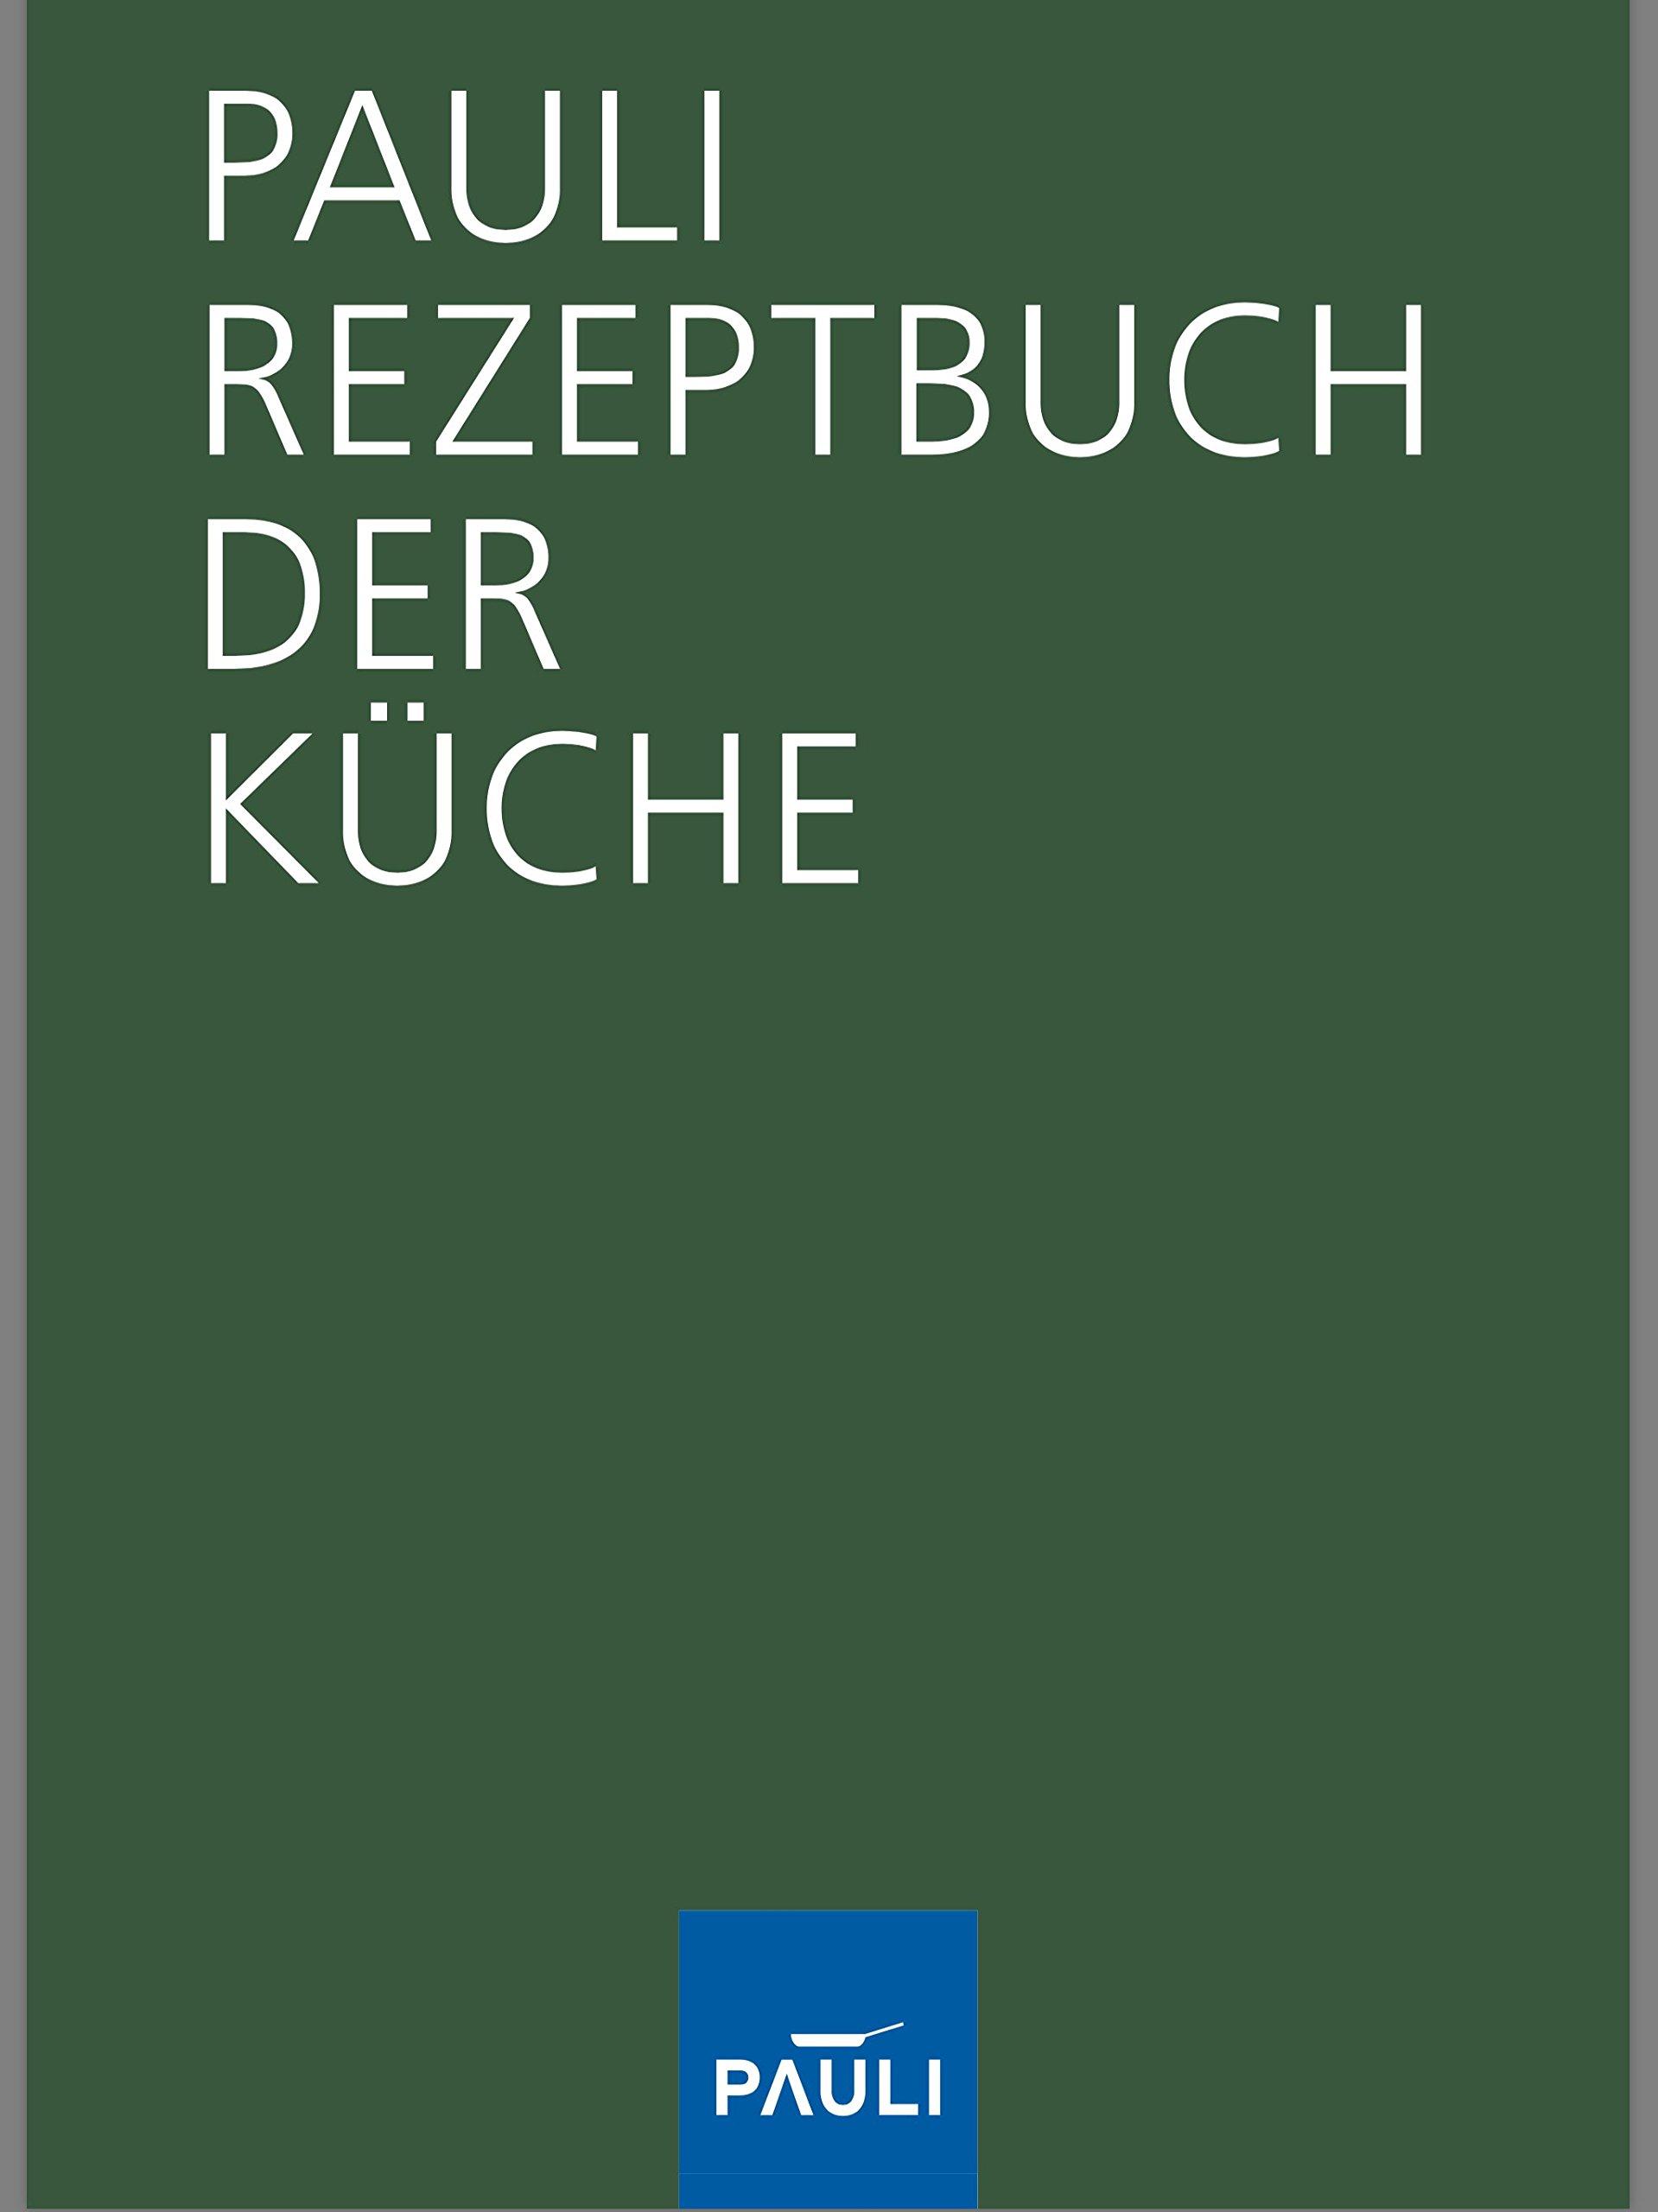 Rezeptbuch der Küche, 04. Auflage 2016